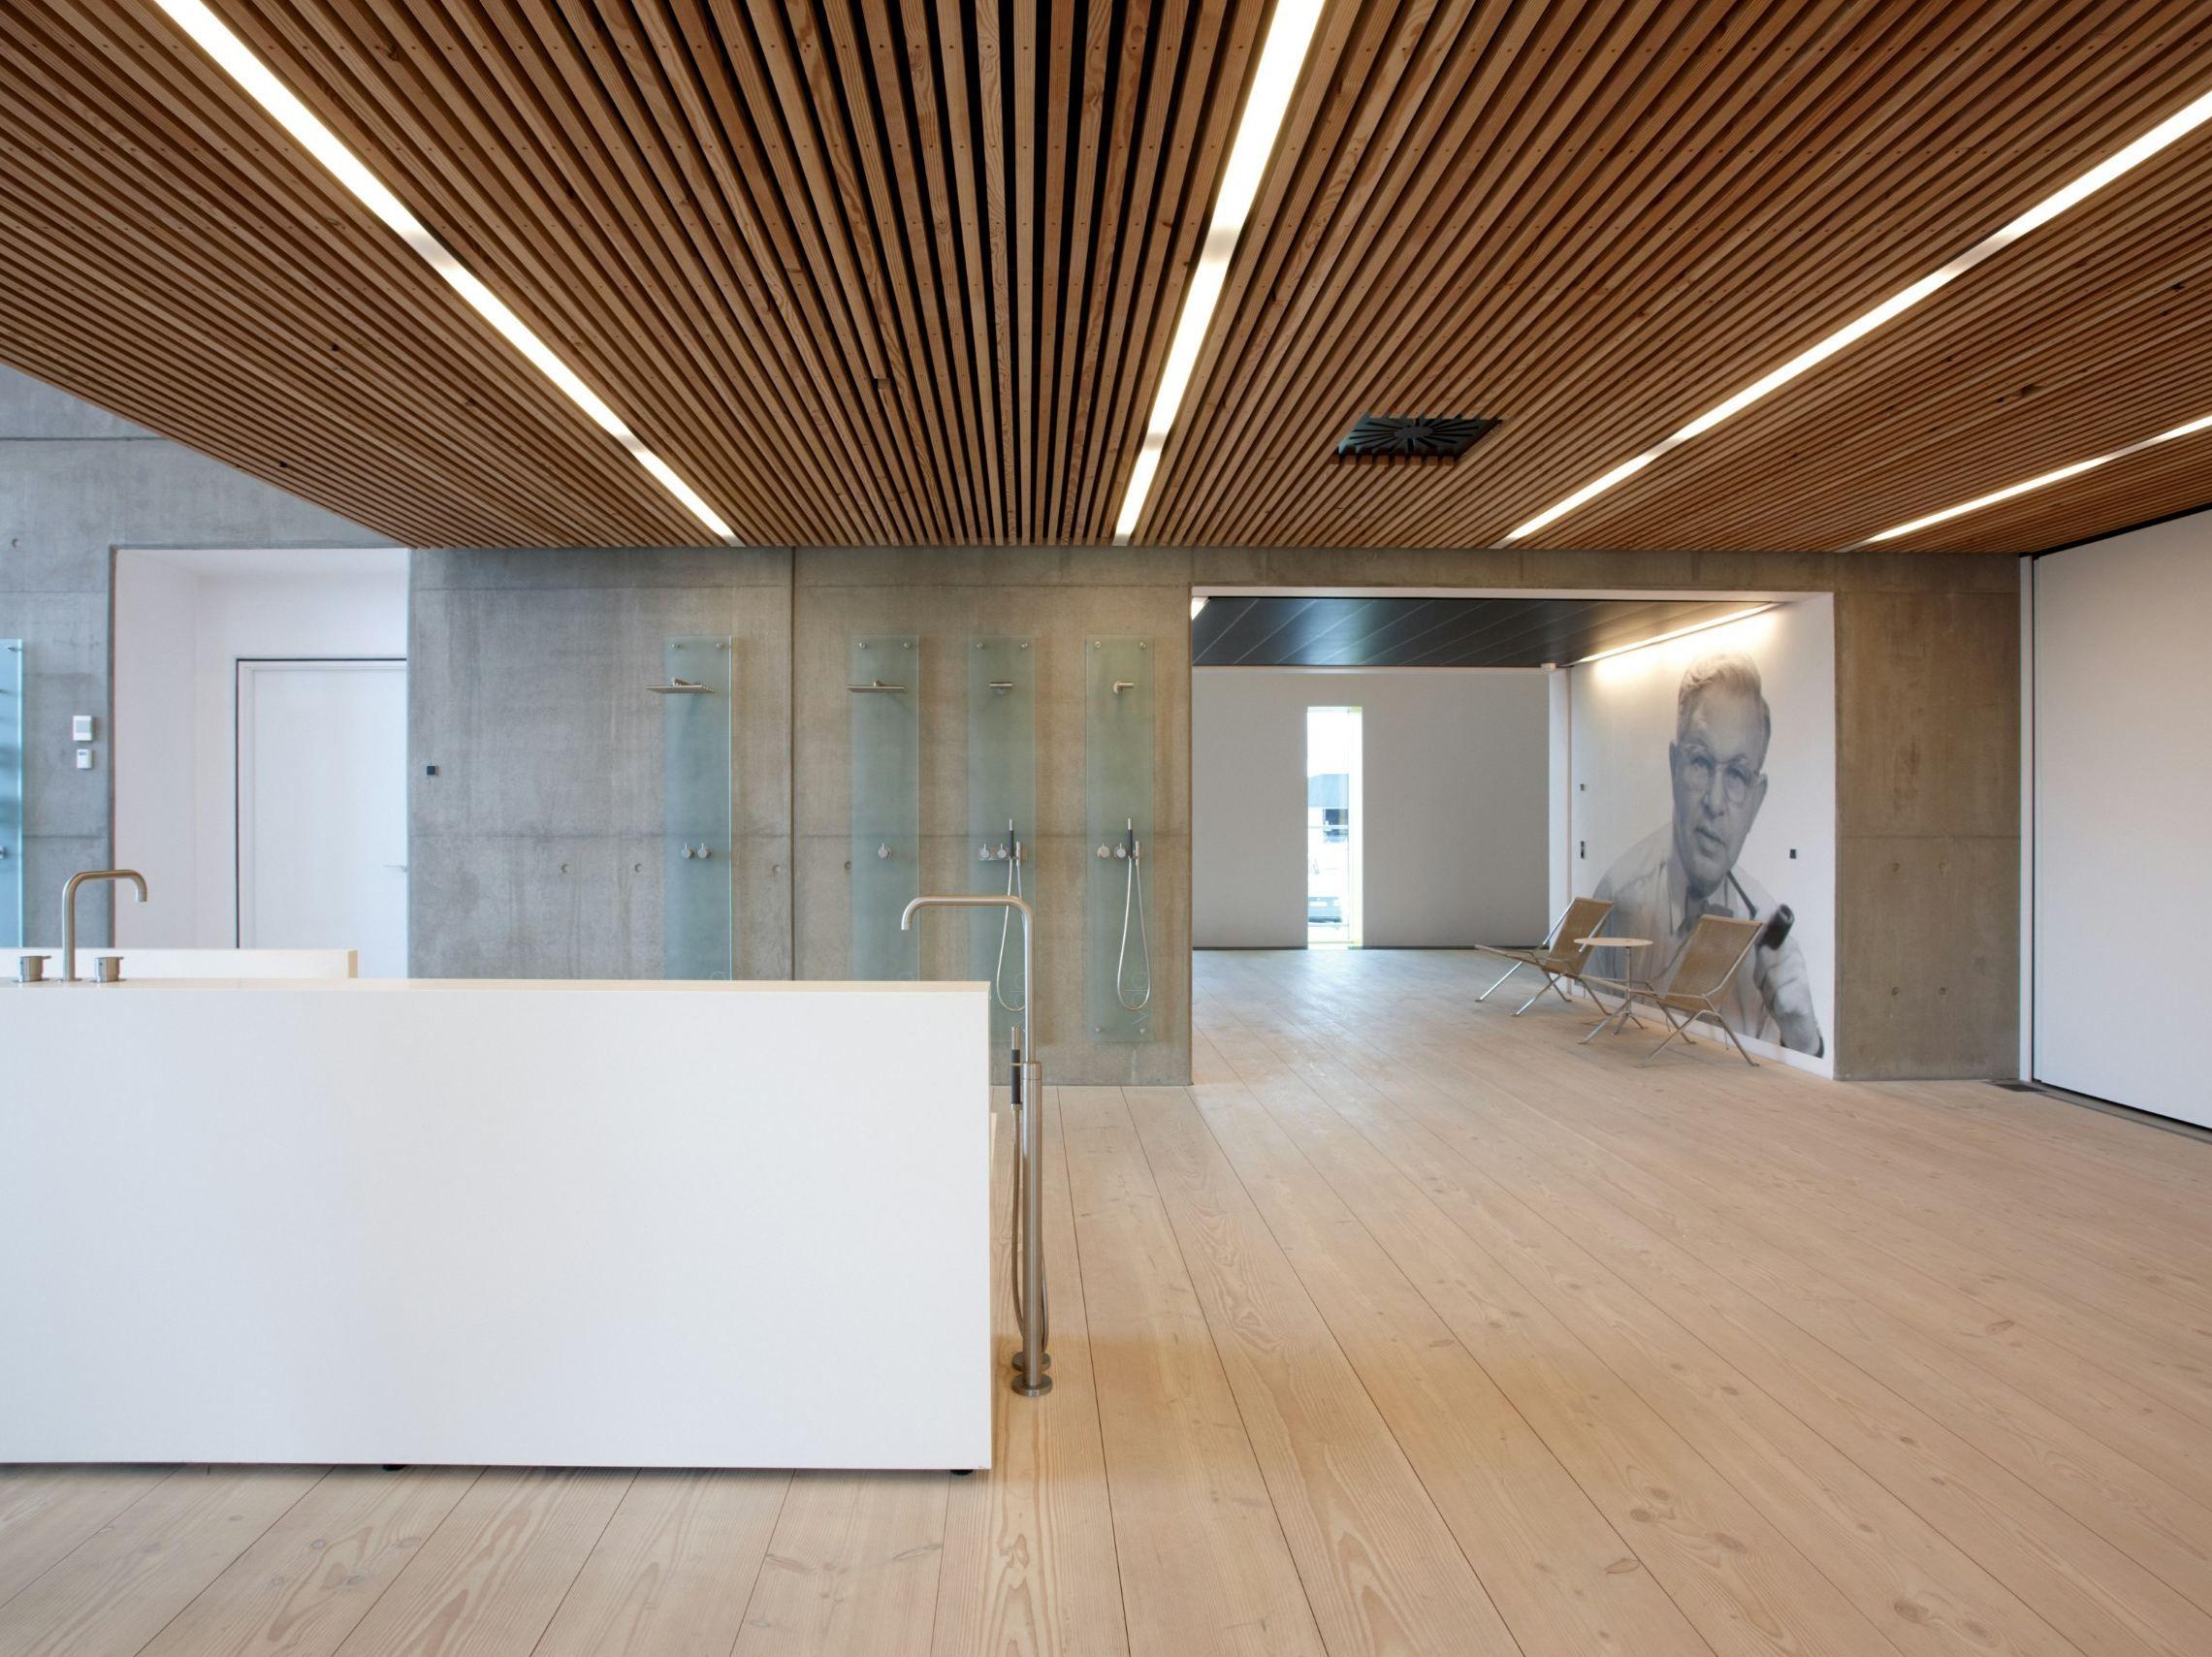 Falso techo imitación madera DINESEN CEILING - Dinesen | DISEÑO ...